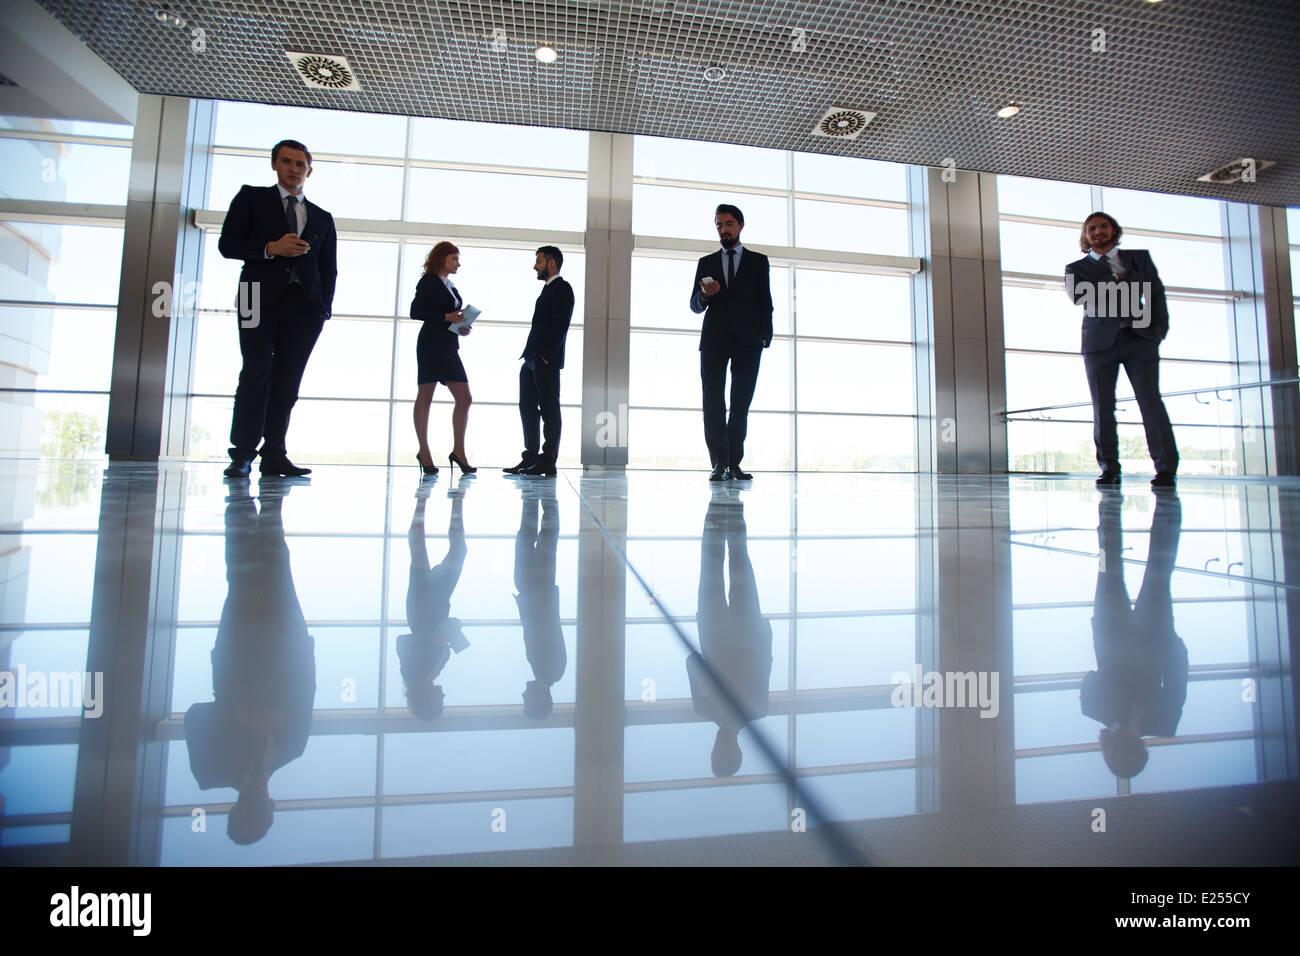 Silhouetten von mehreren Büroangestellte am Fenster stehen und arbeiten Stockbild